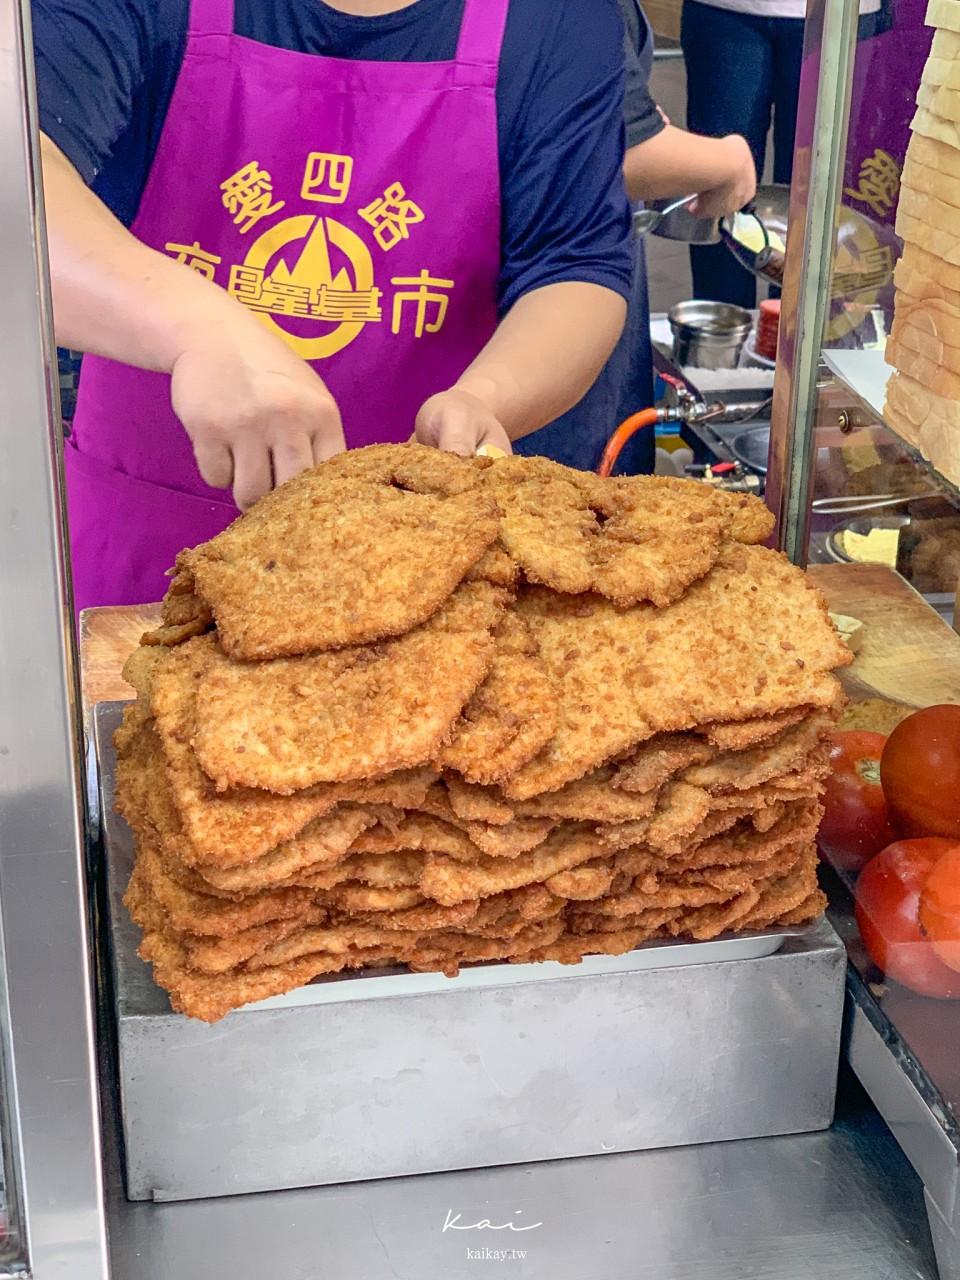 ☆【基隆美食】基隆夜市炭烤三明治。必吃炭火焦香豬排三明治